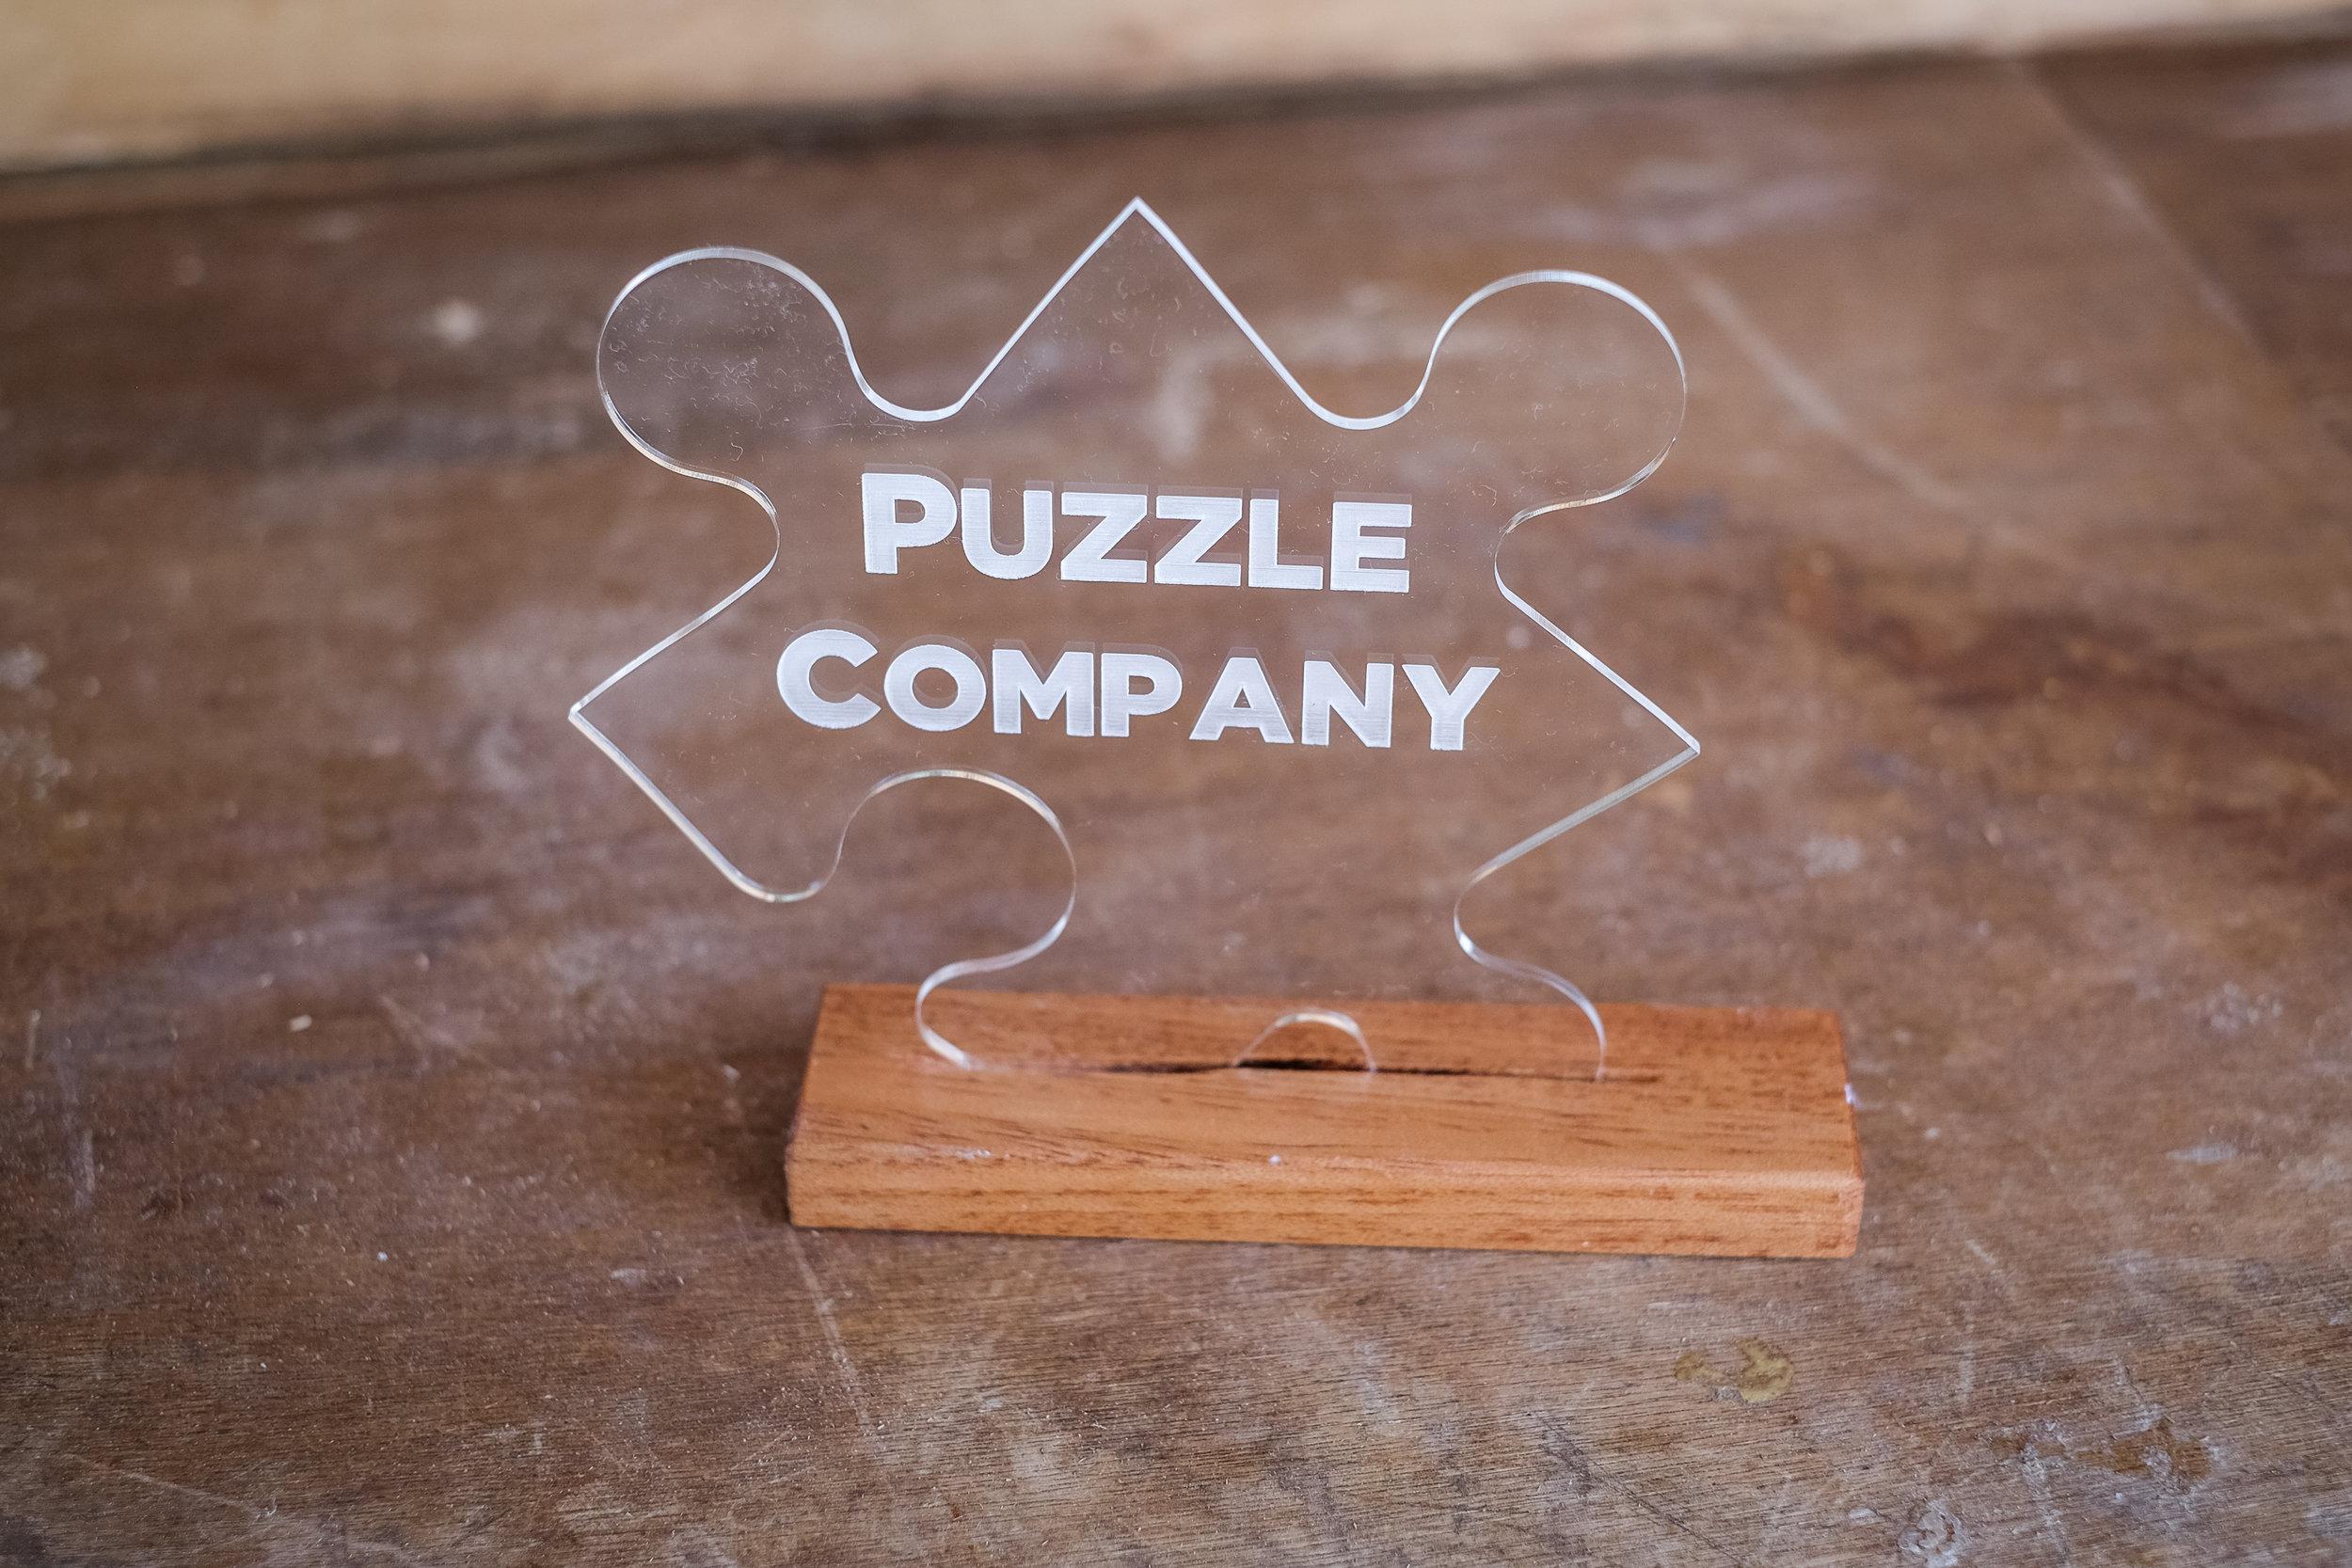 Puzzle Company Award